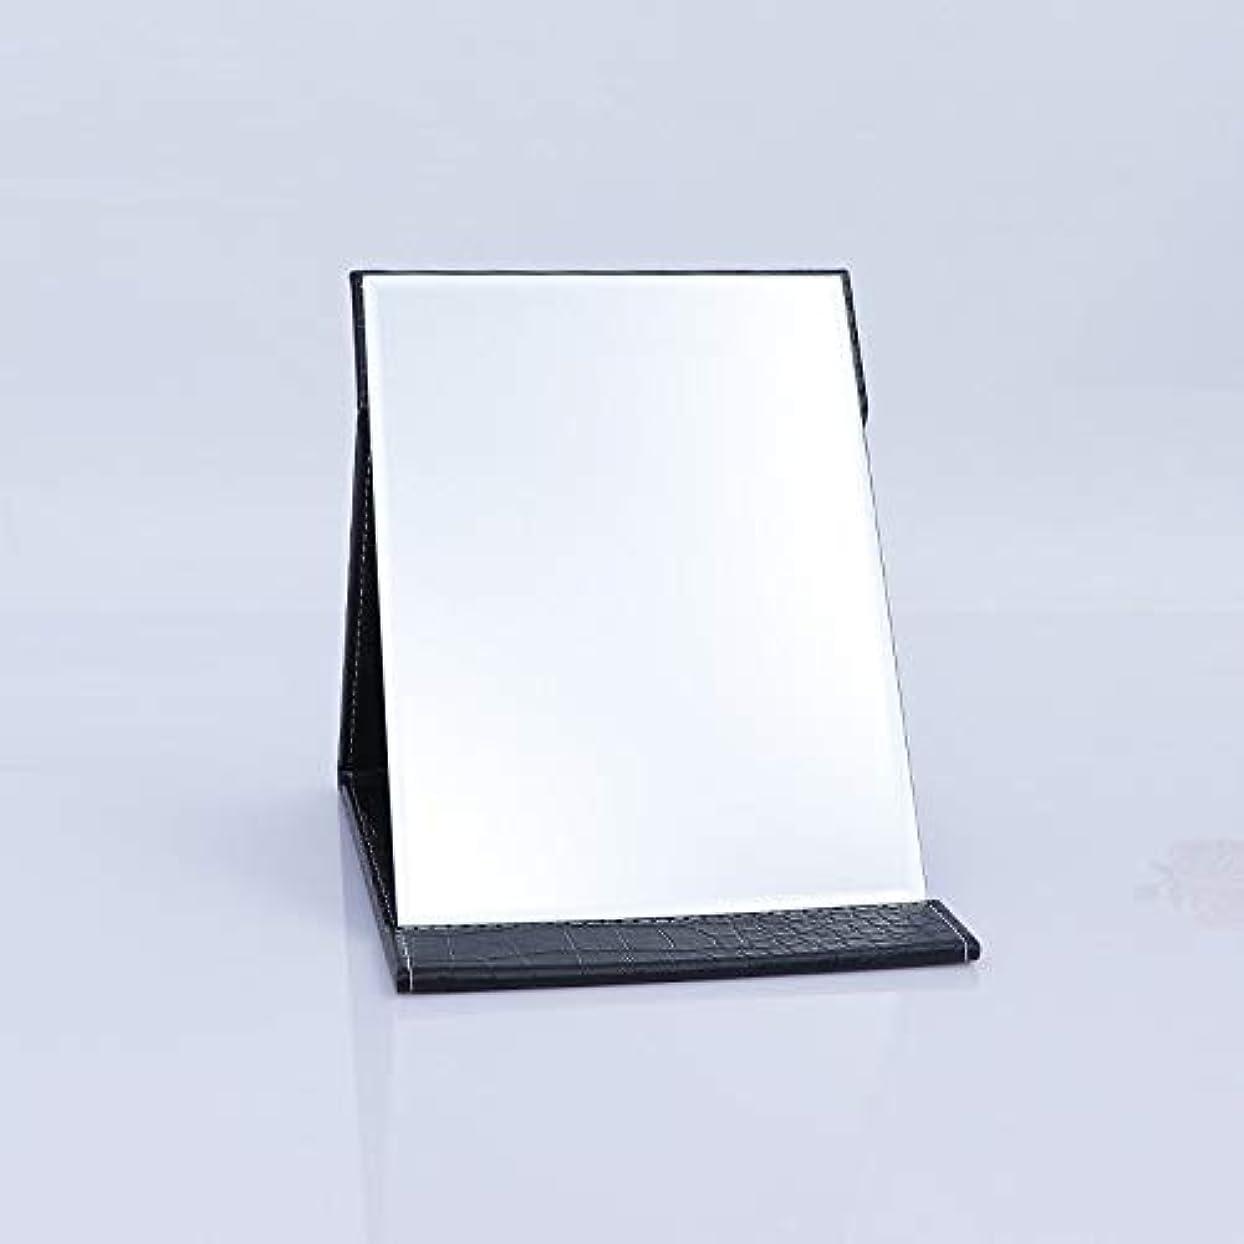 厚くする刺激する位置づけるTakelablaze 化粧鏡 折立ミラー 卓上スタンドミラー 折りたたみミラー PUレザー ブラック